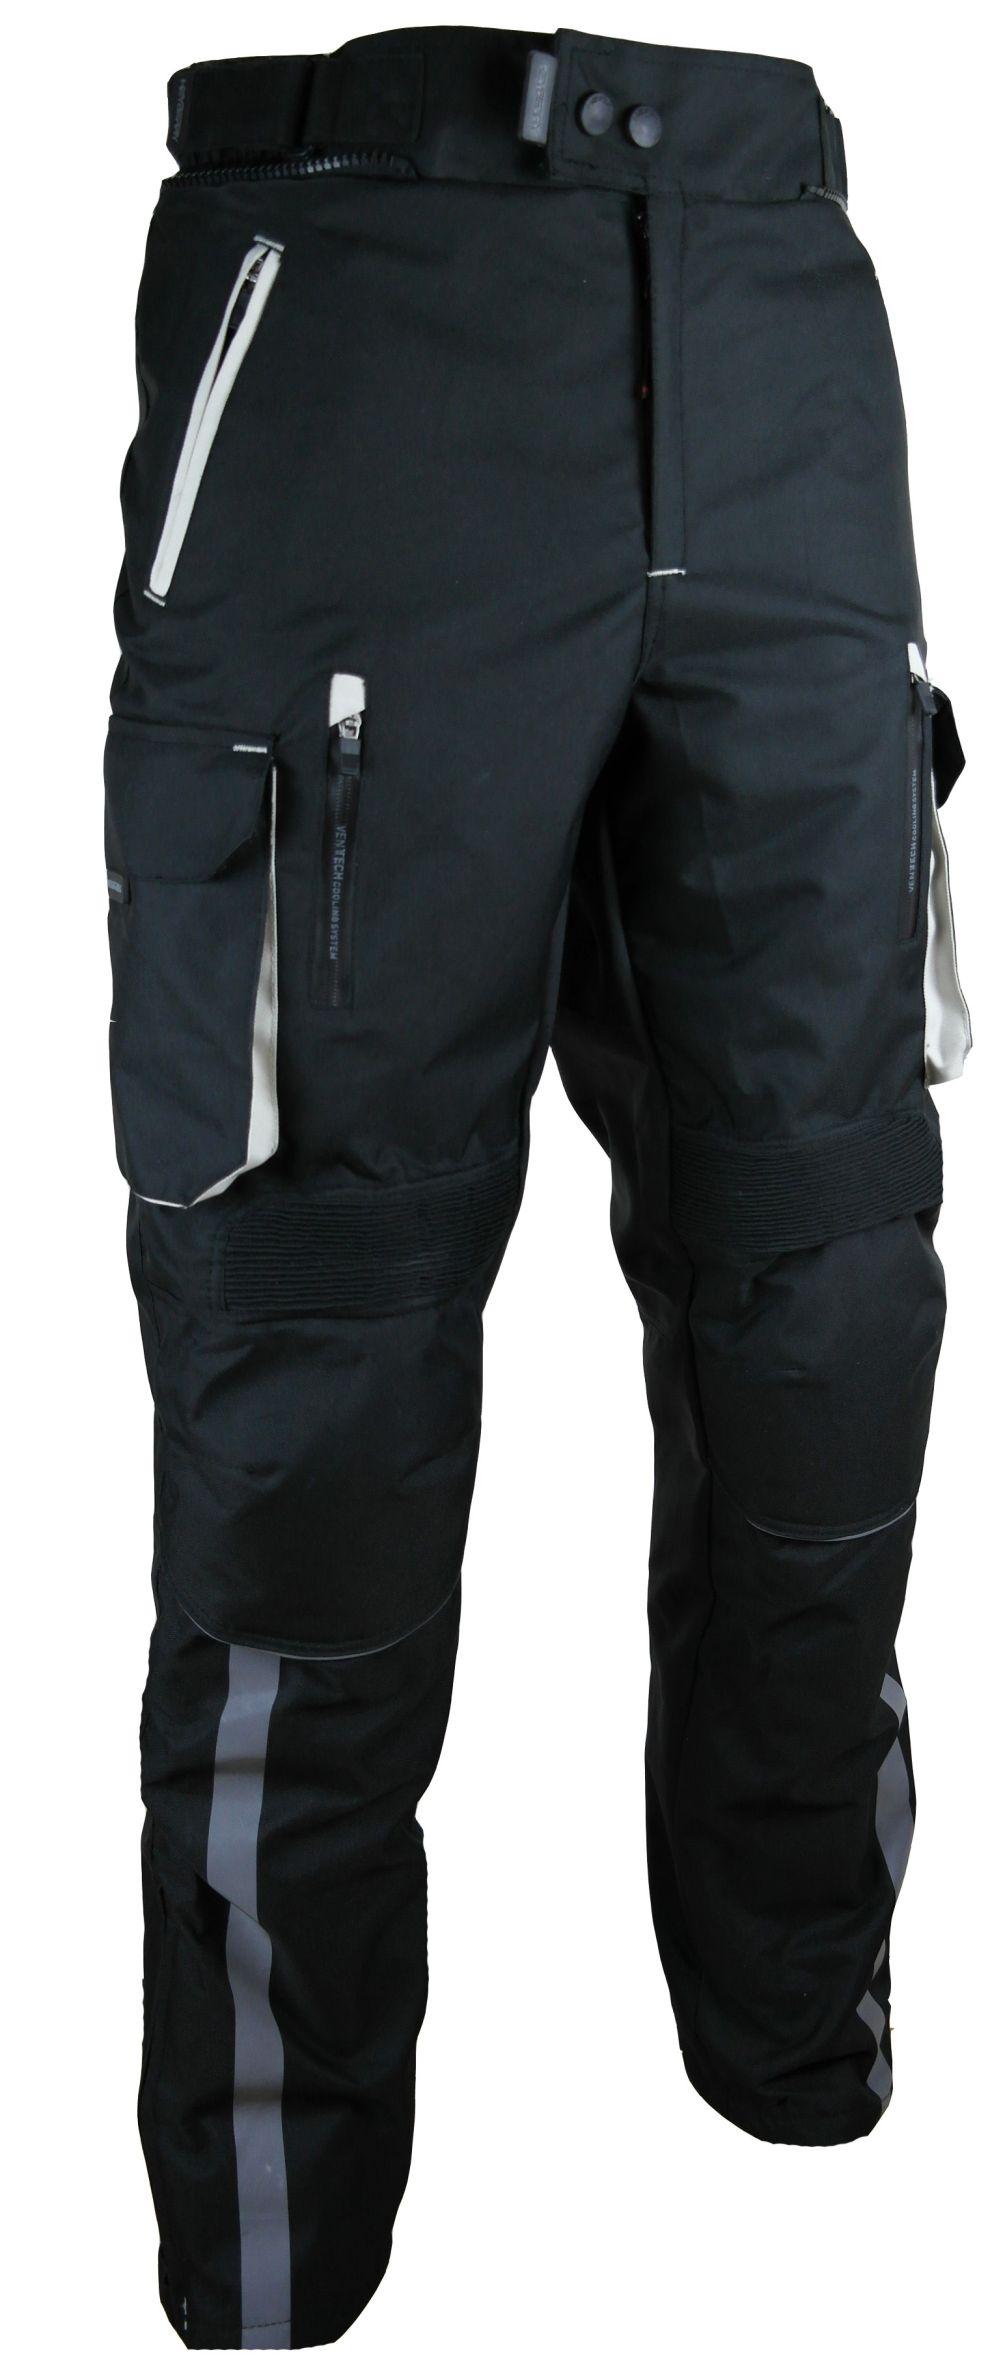 Heyberry Motorradhose Schwarz Grau Textil mit Oberschenkeltaschen M - 3XL